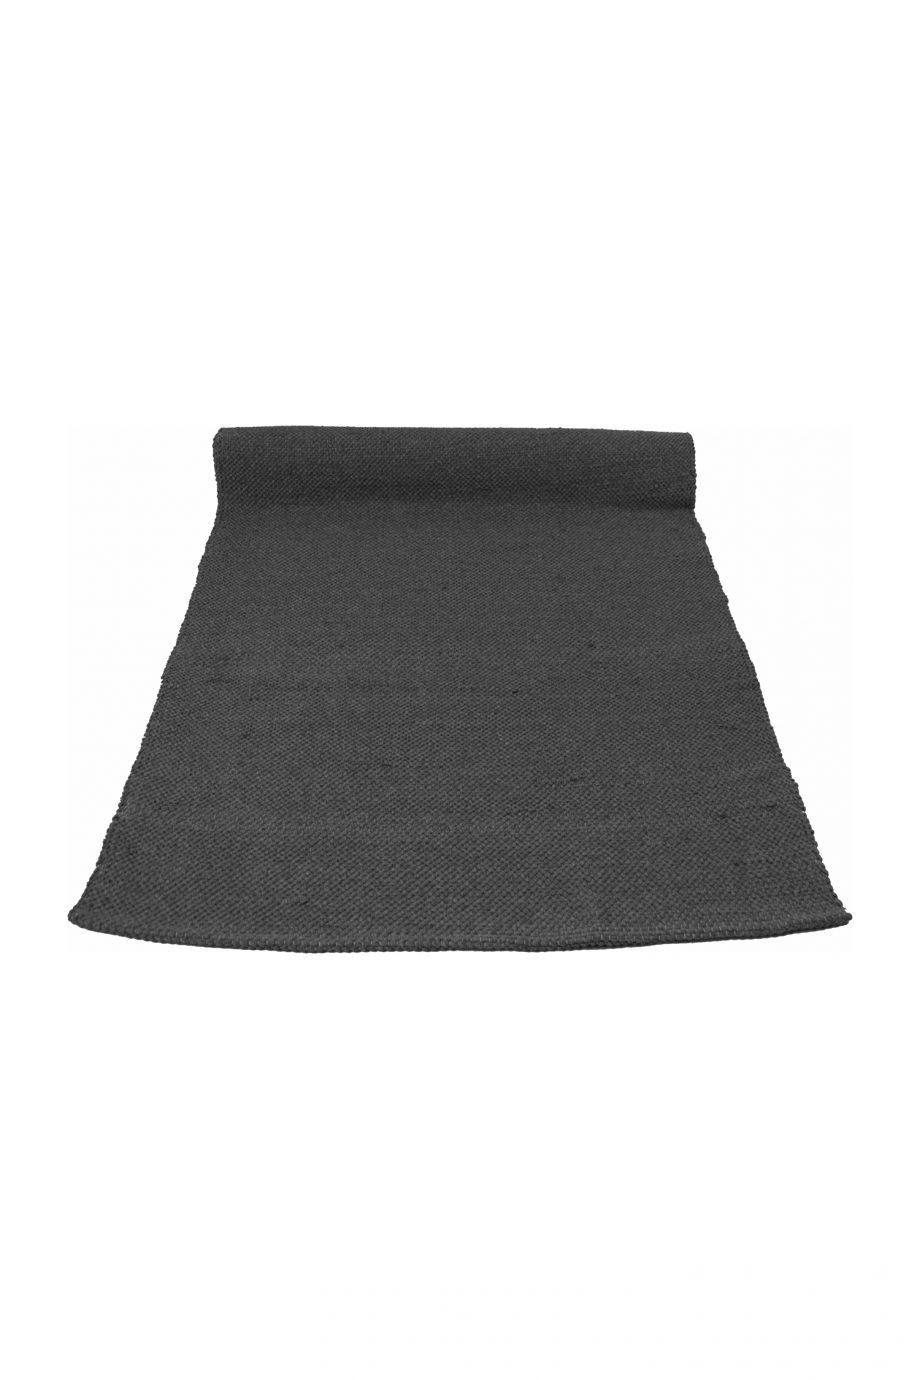 nordic antraciet geweven katoenen kleed medium